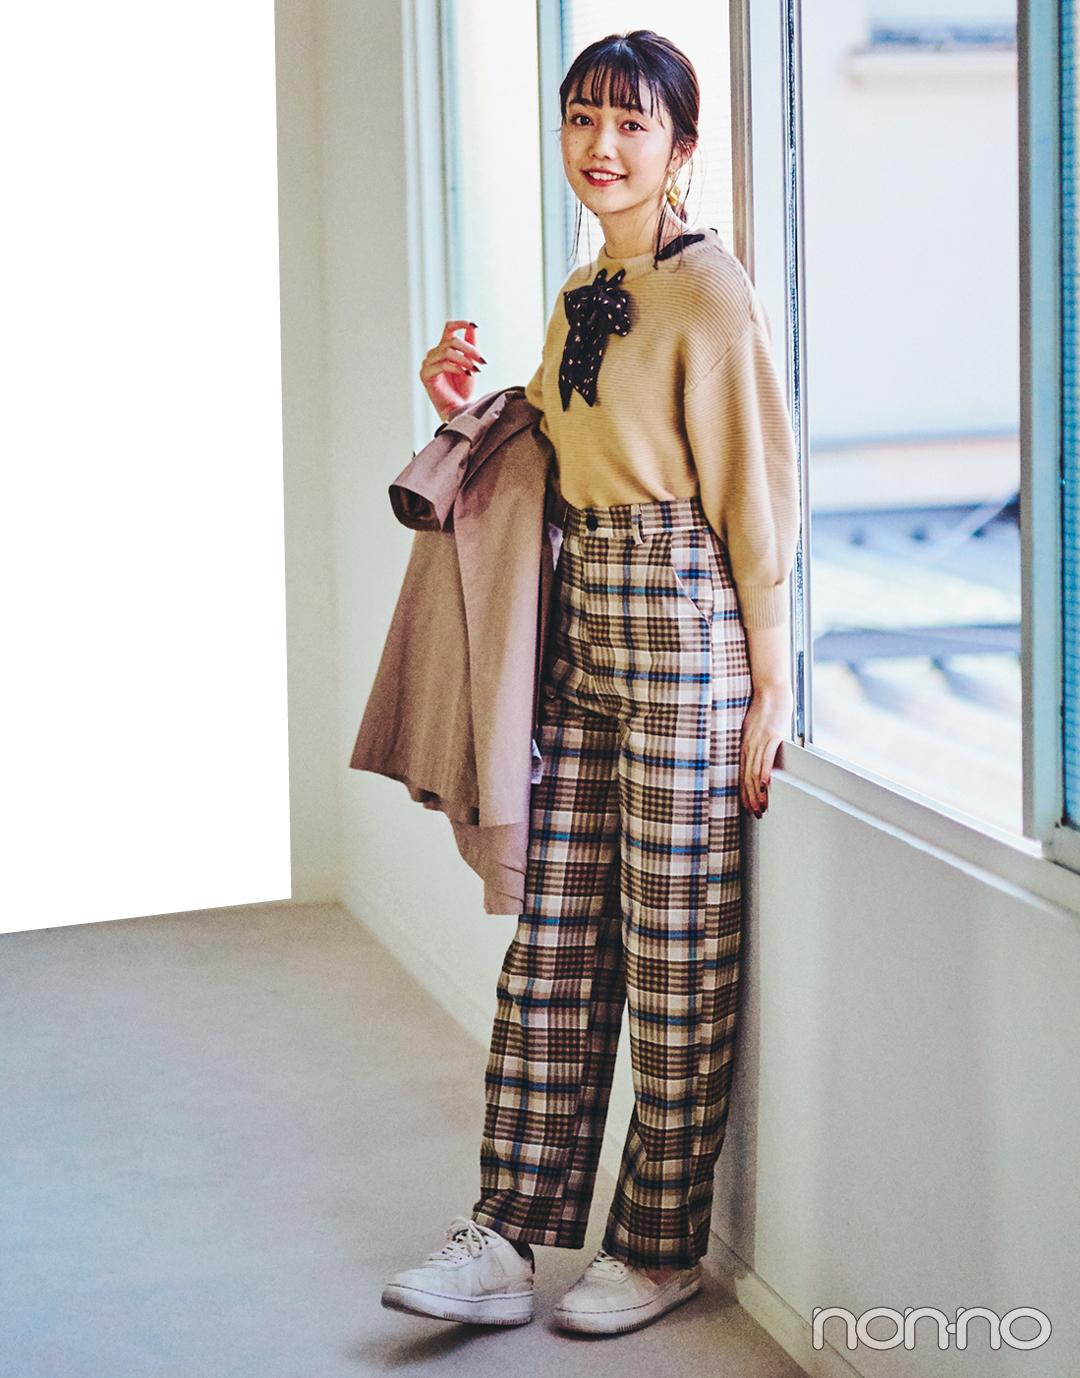 武田玲奈&松川菜々花の冬私服♡ ZARAのニット、韓国通販のパンツが大活躍_1_6